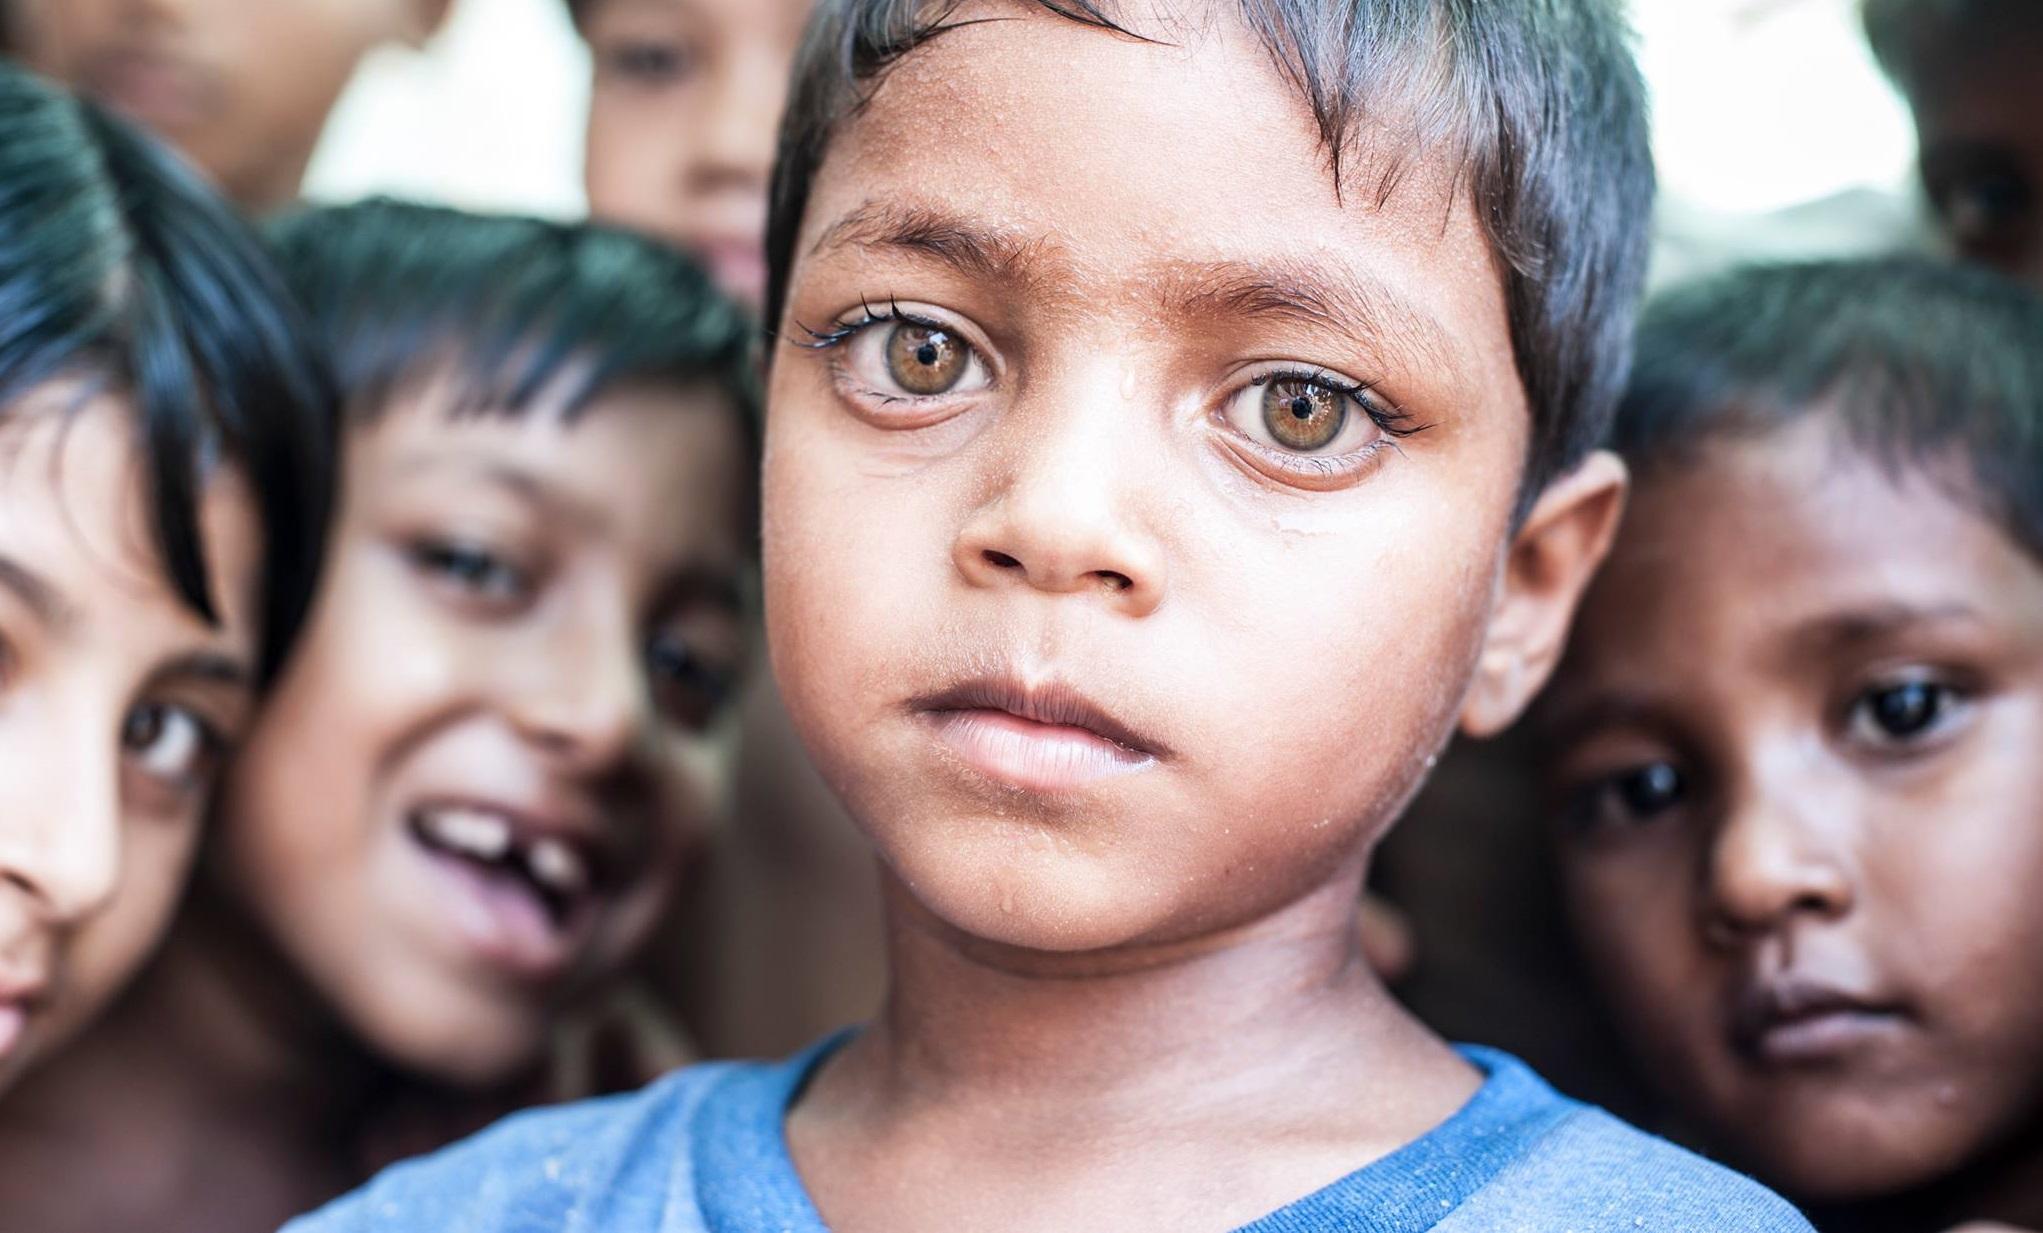 歡迎來到孟加拉之地!-在孟加拉之羅興亞難民訪談實錄